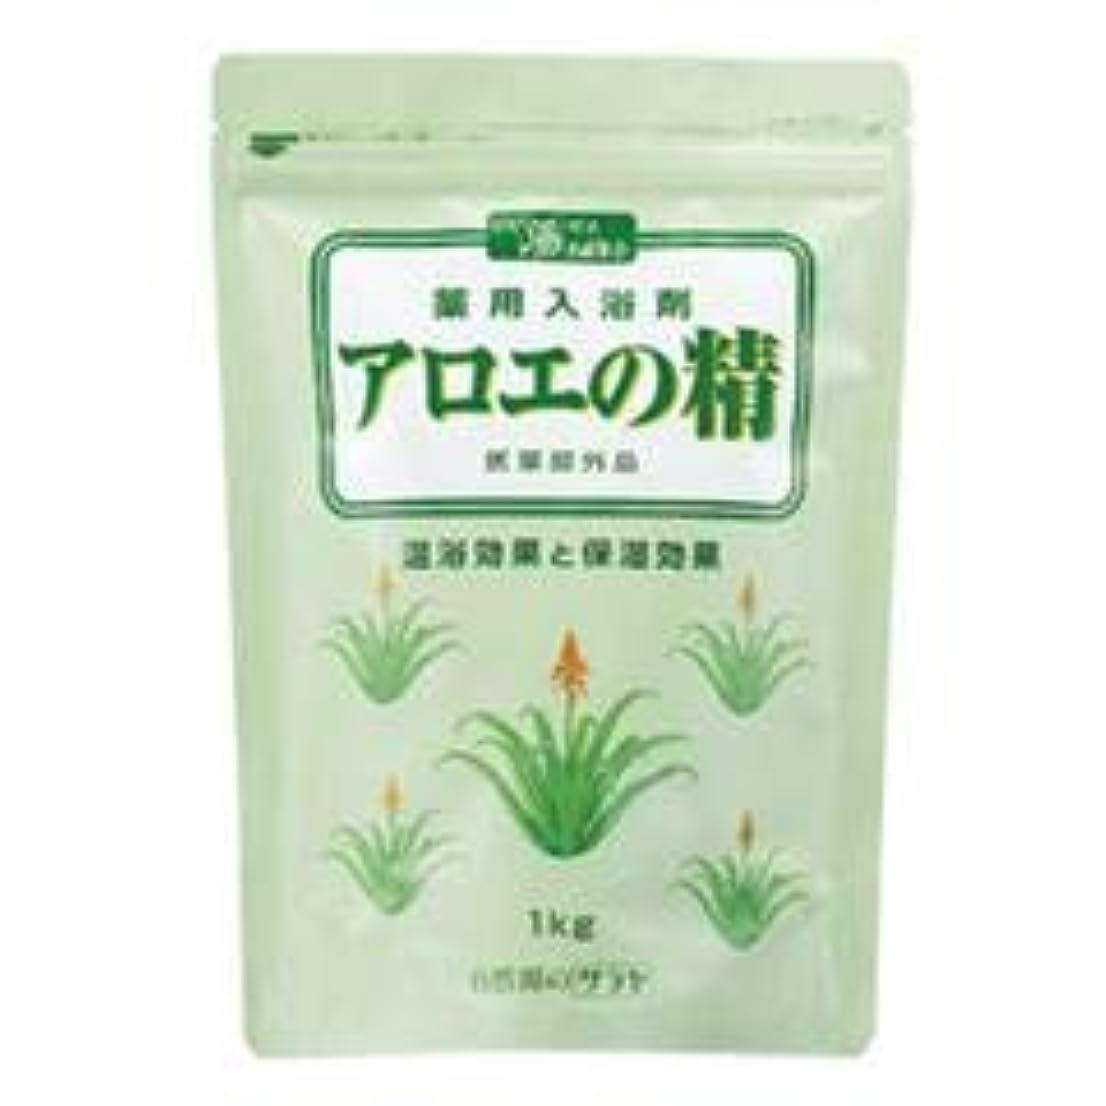 割れ目反対した昆虫サラヤ 薬用入浴剤 アロエの精 チャック付 1kg